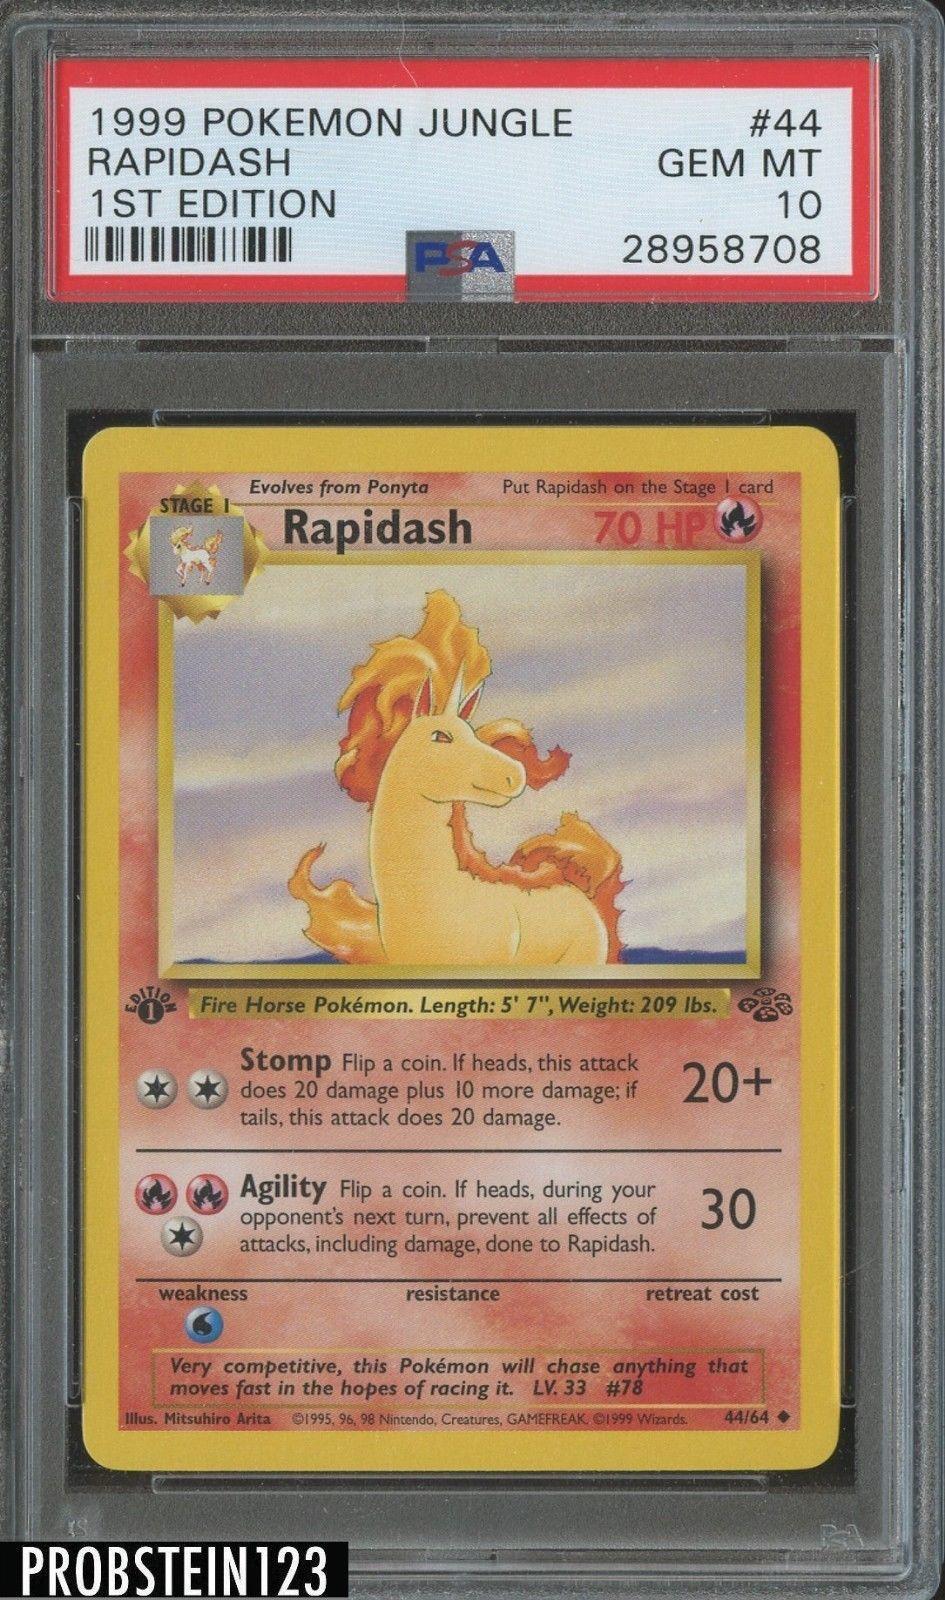 1999 pokemon jungle 1st edition 44 rapidash psa 10 gem